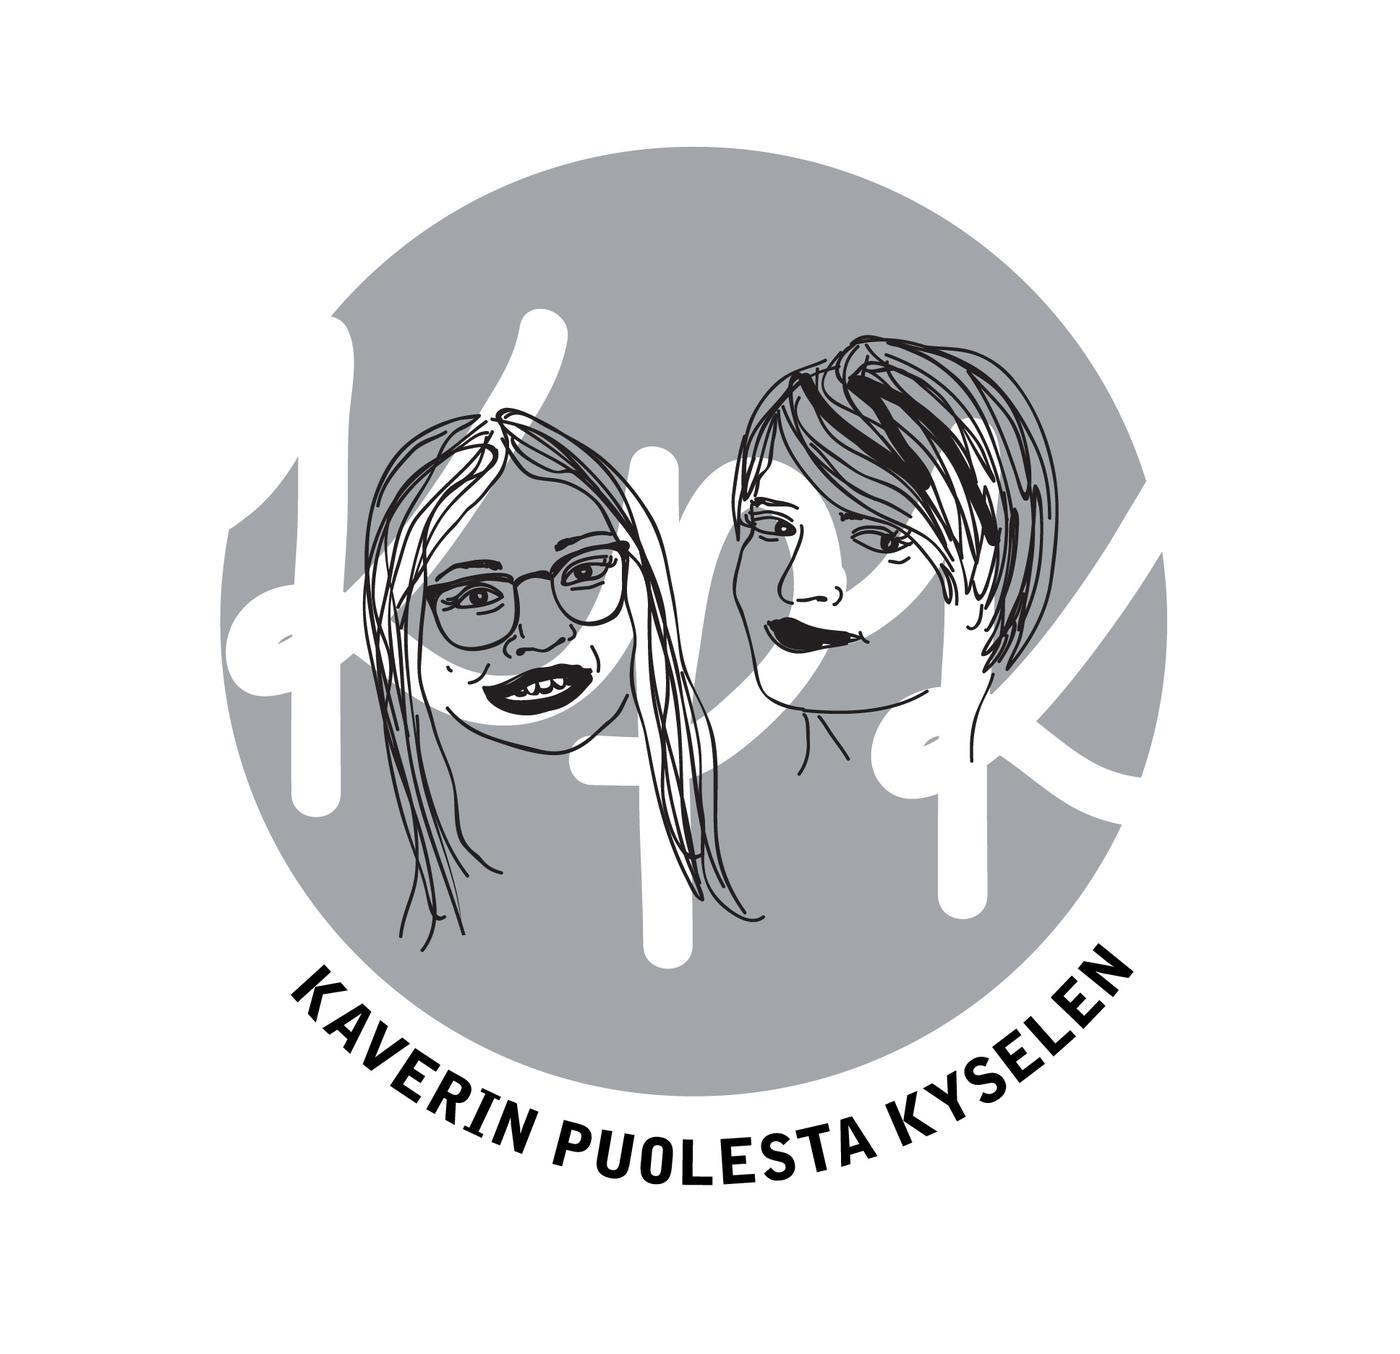 KPK_1-02.jpg